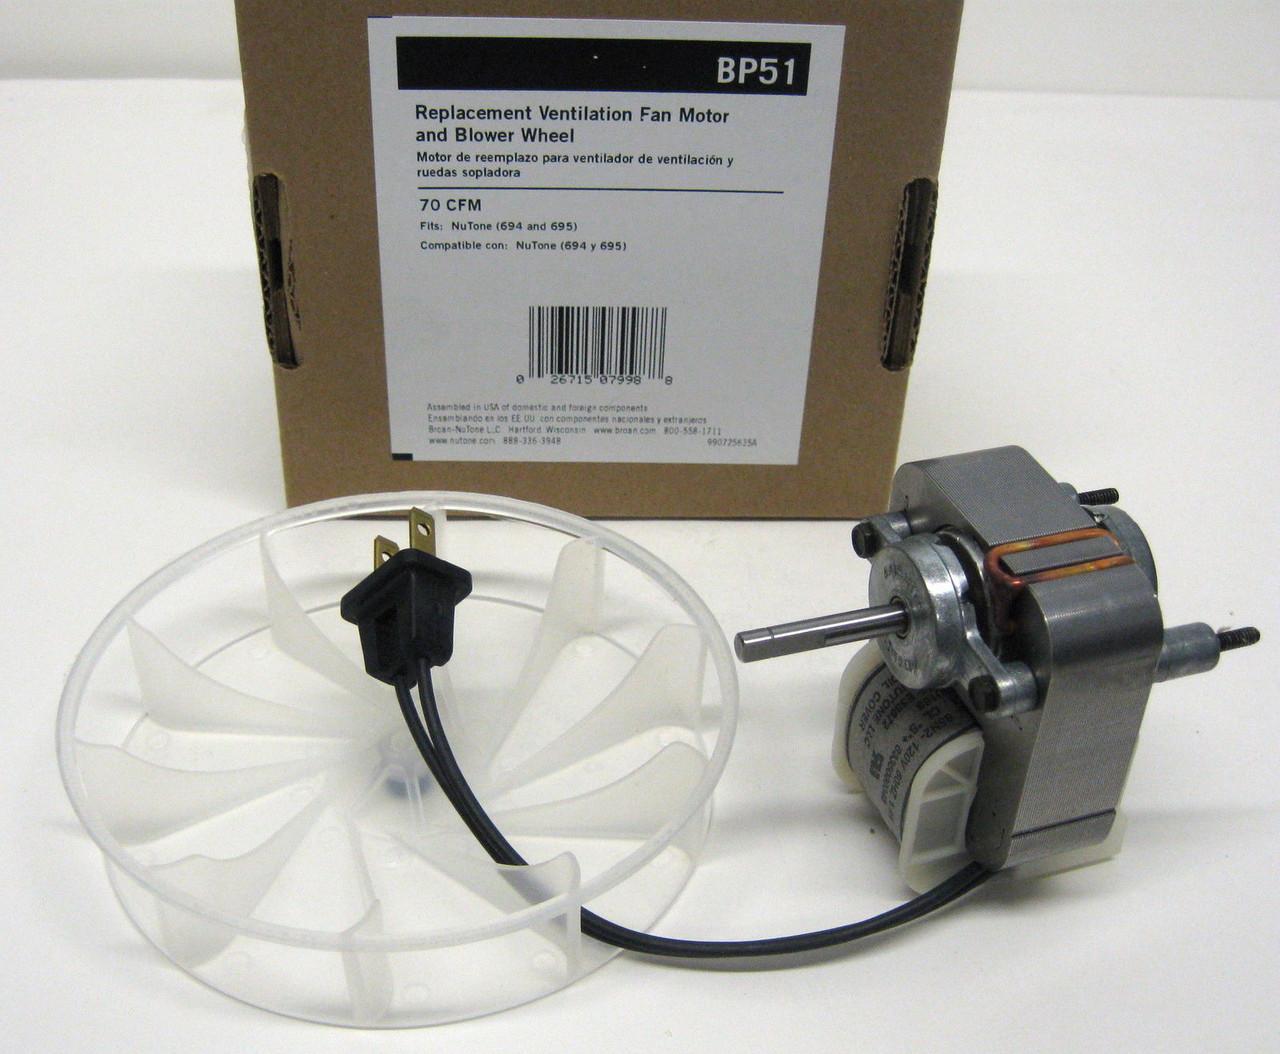 NEBOO 99080166 for Broan Nutone Vent Bath Fan Motor for Models 694 695 85N2 8335000046